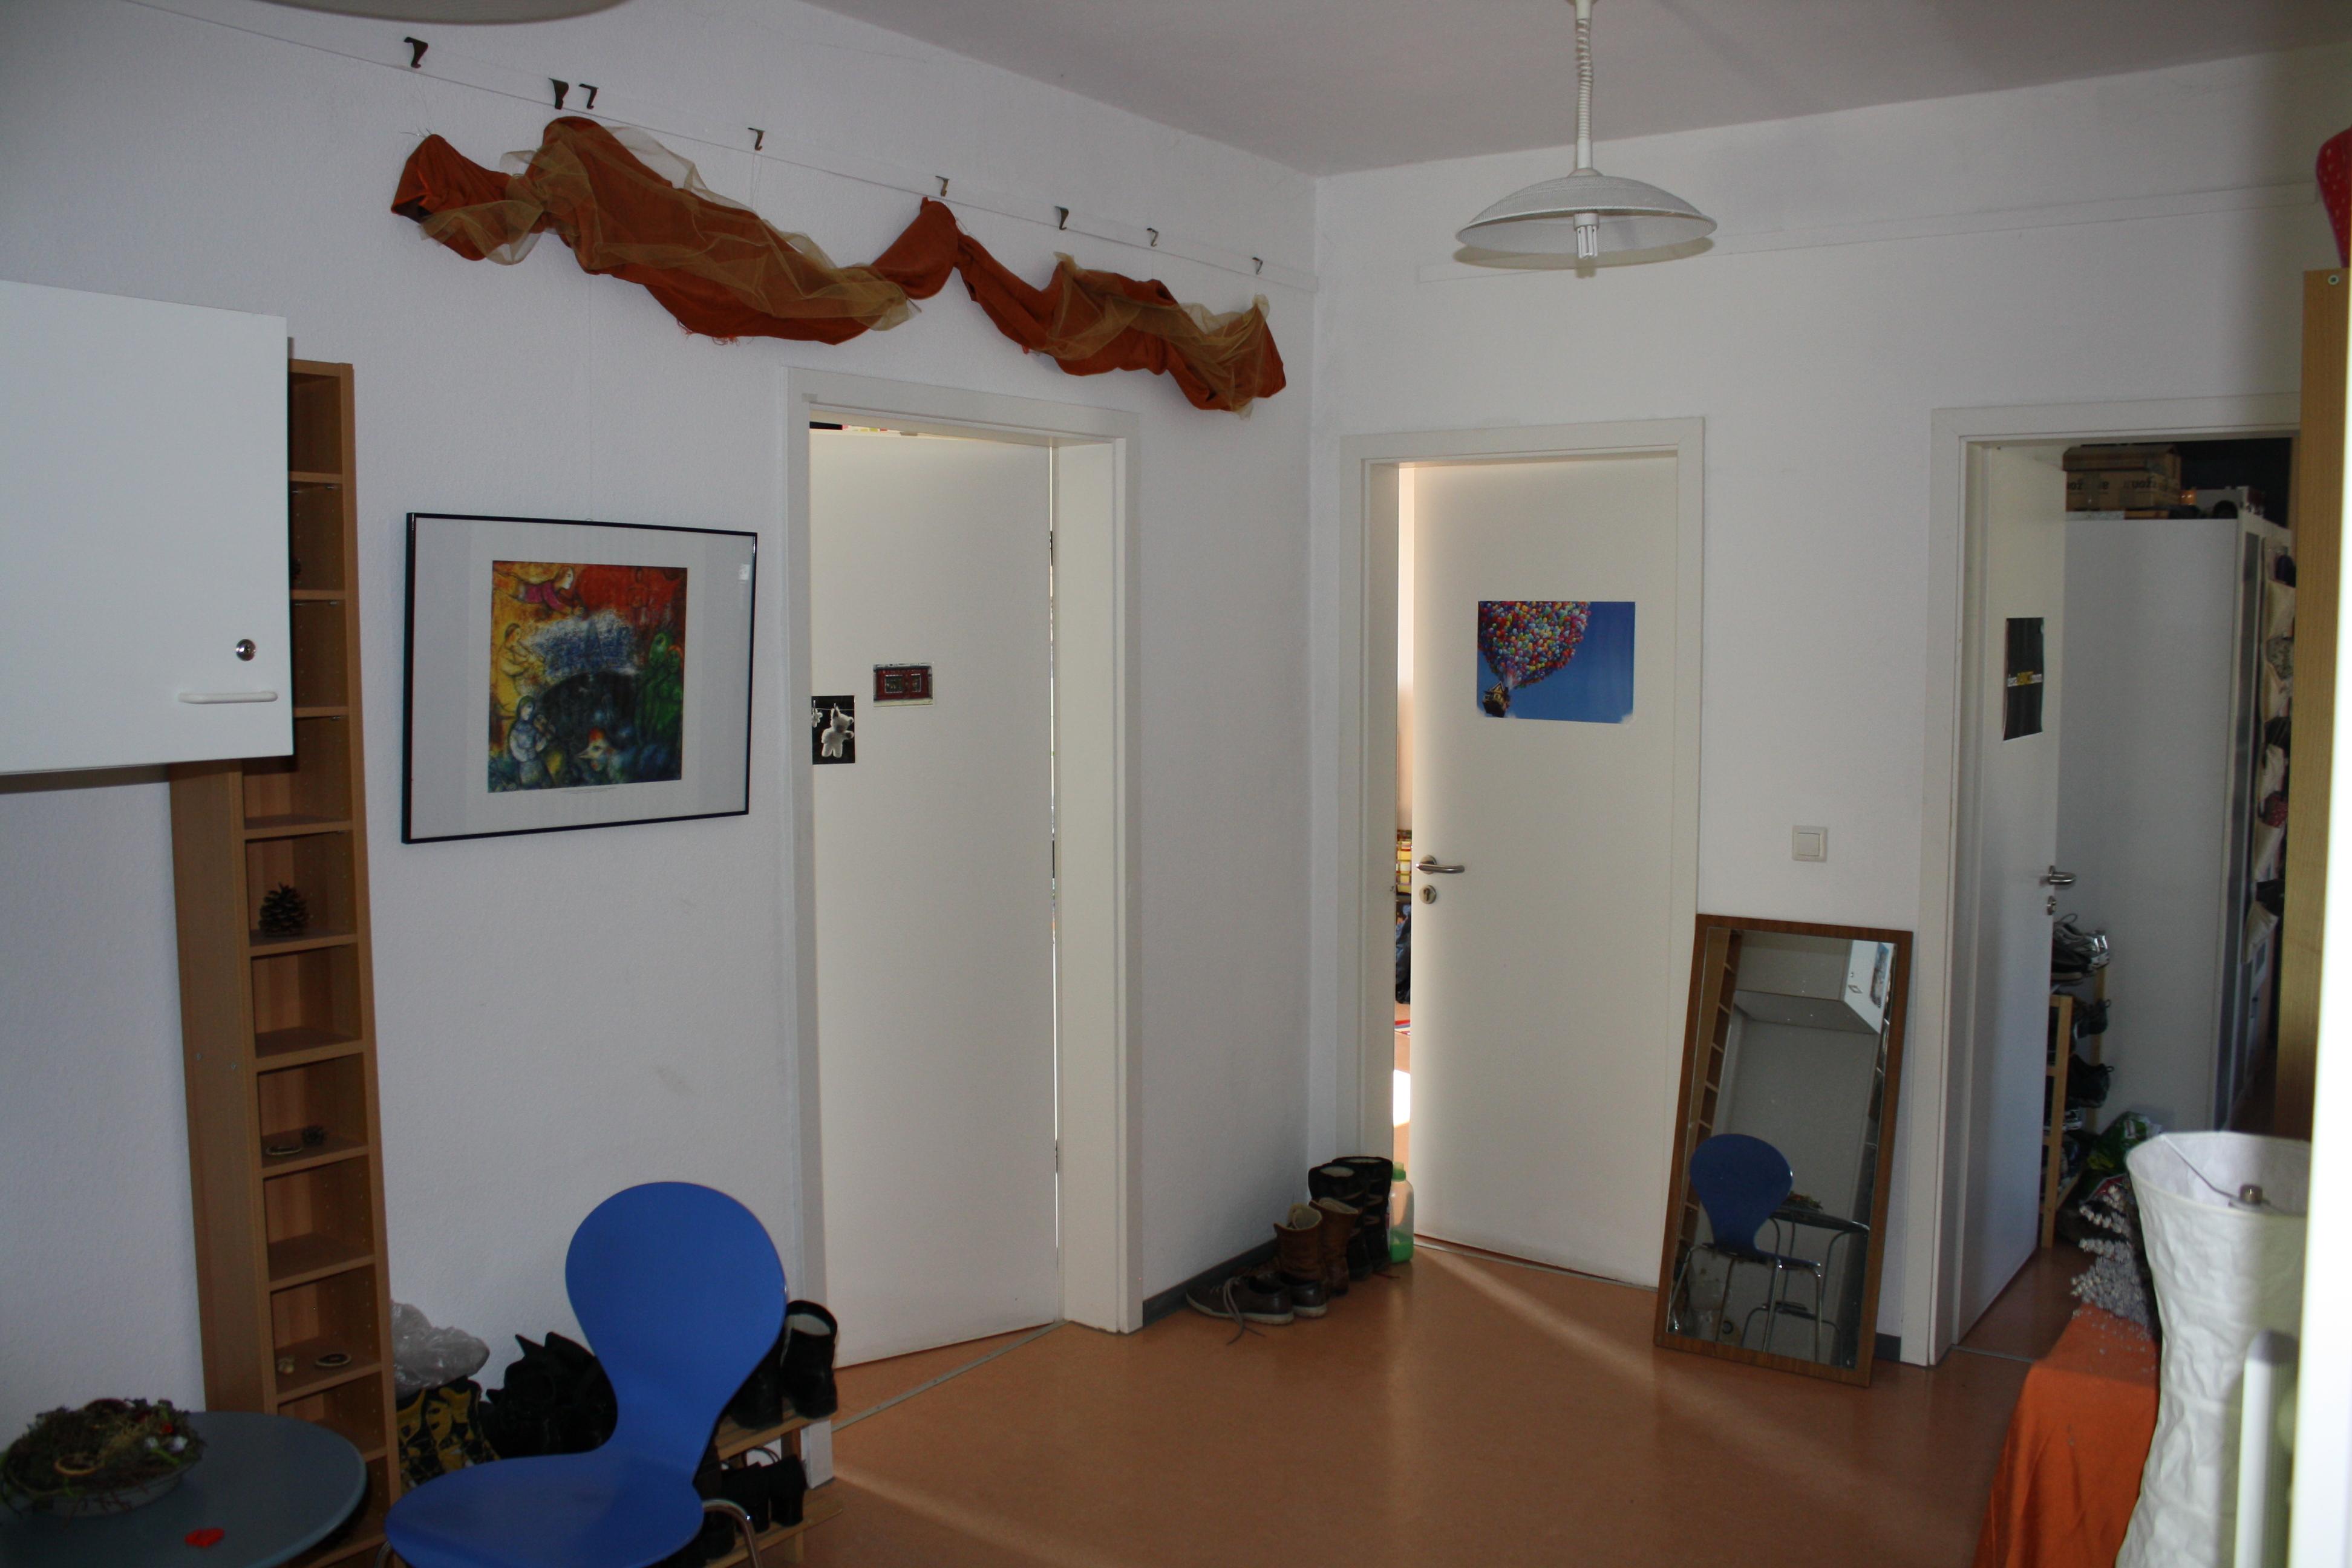 Heim Haus Heim Und Haus Blog Heimundhausblog Twitter